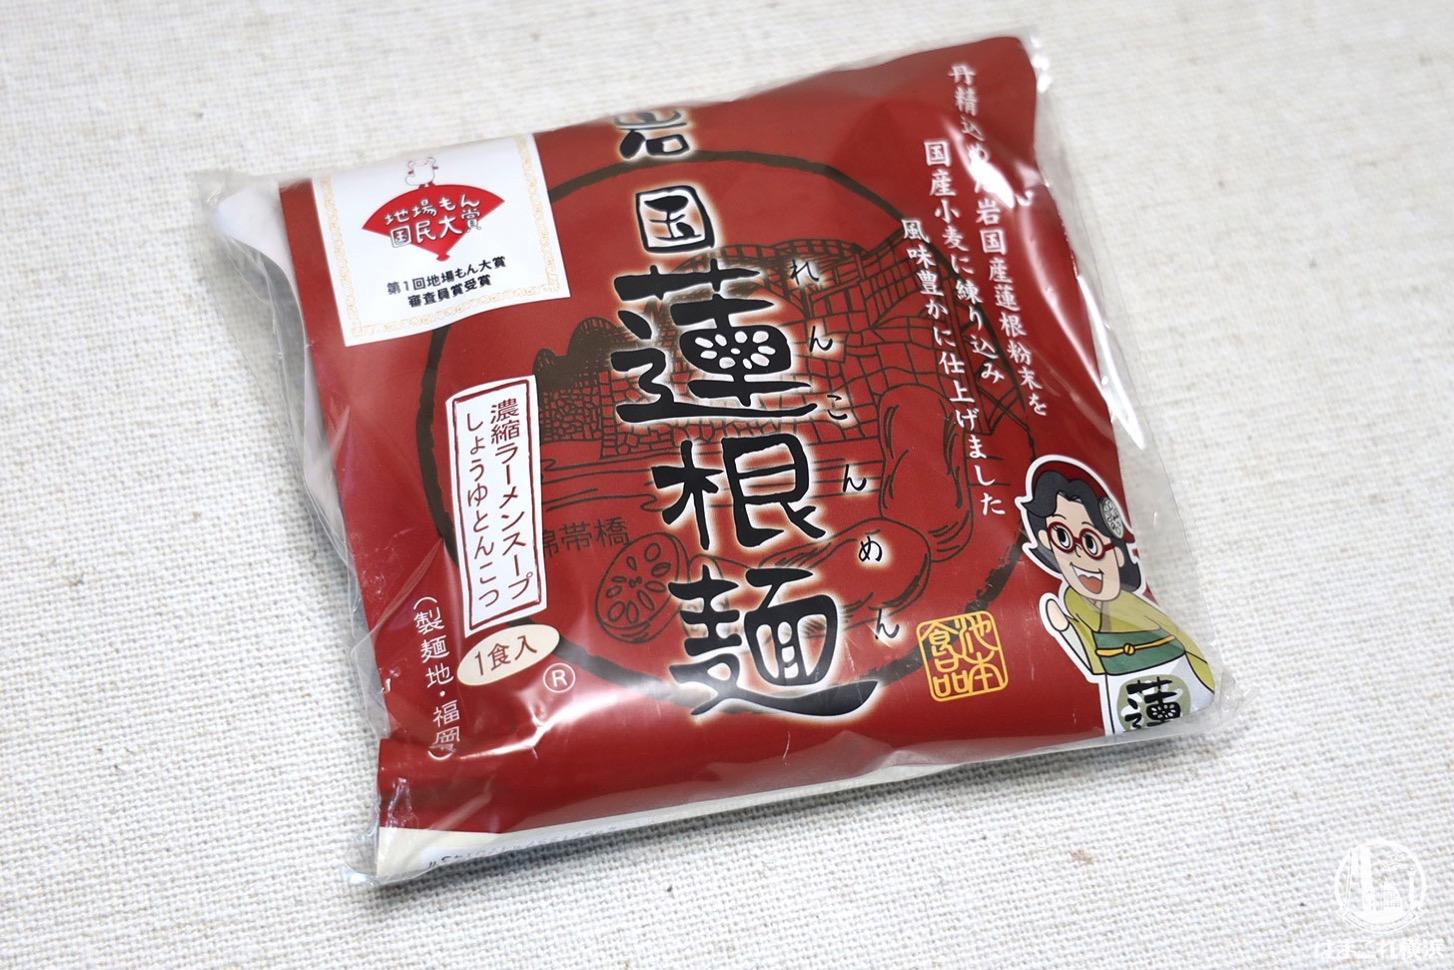 インスタントラーメン 岩国蓮根麺